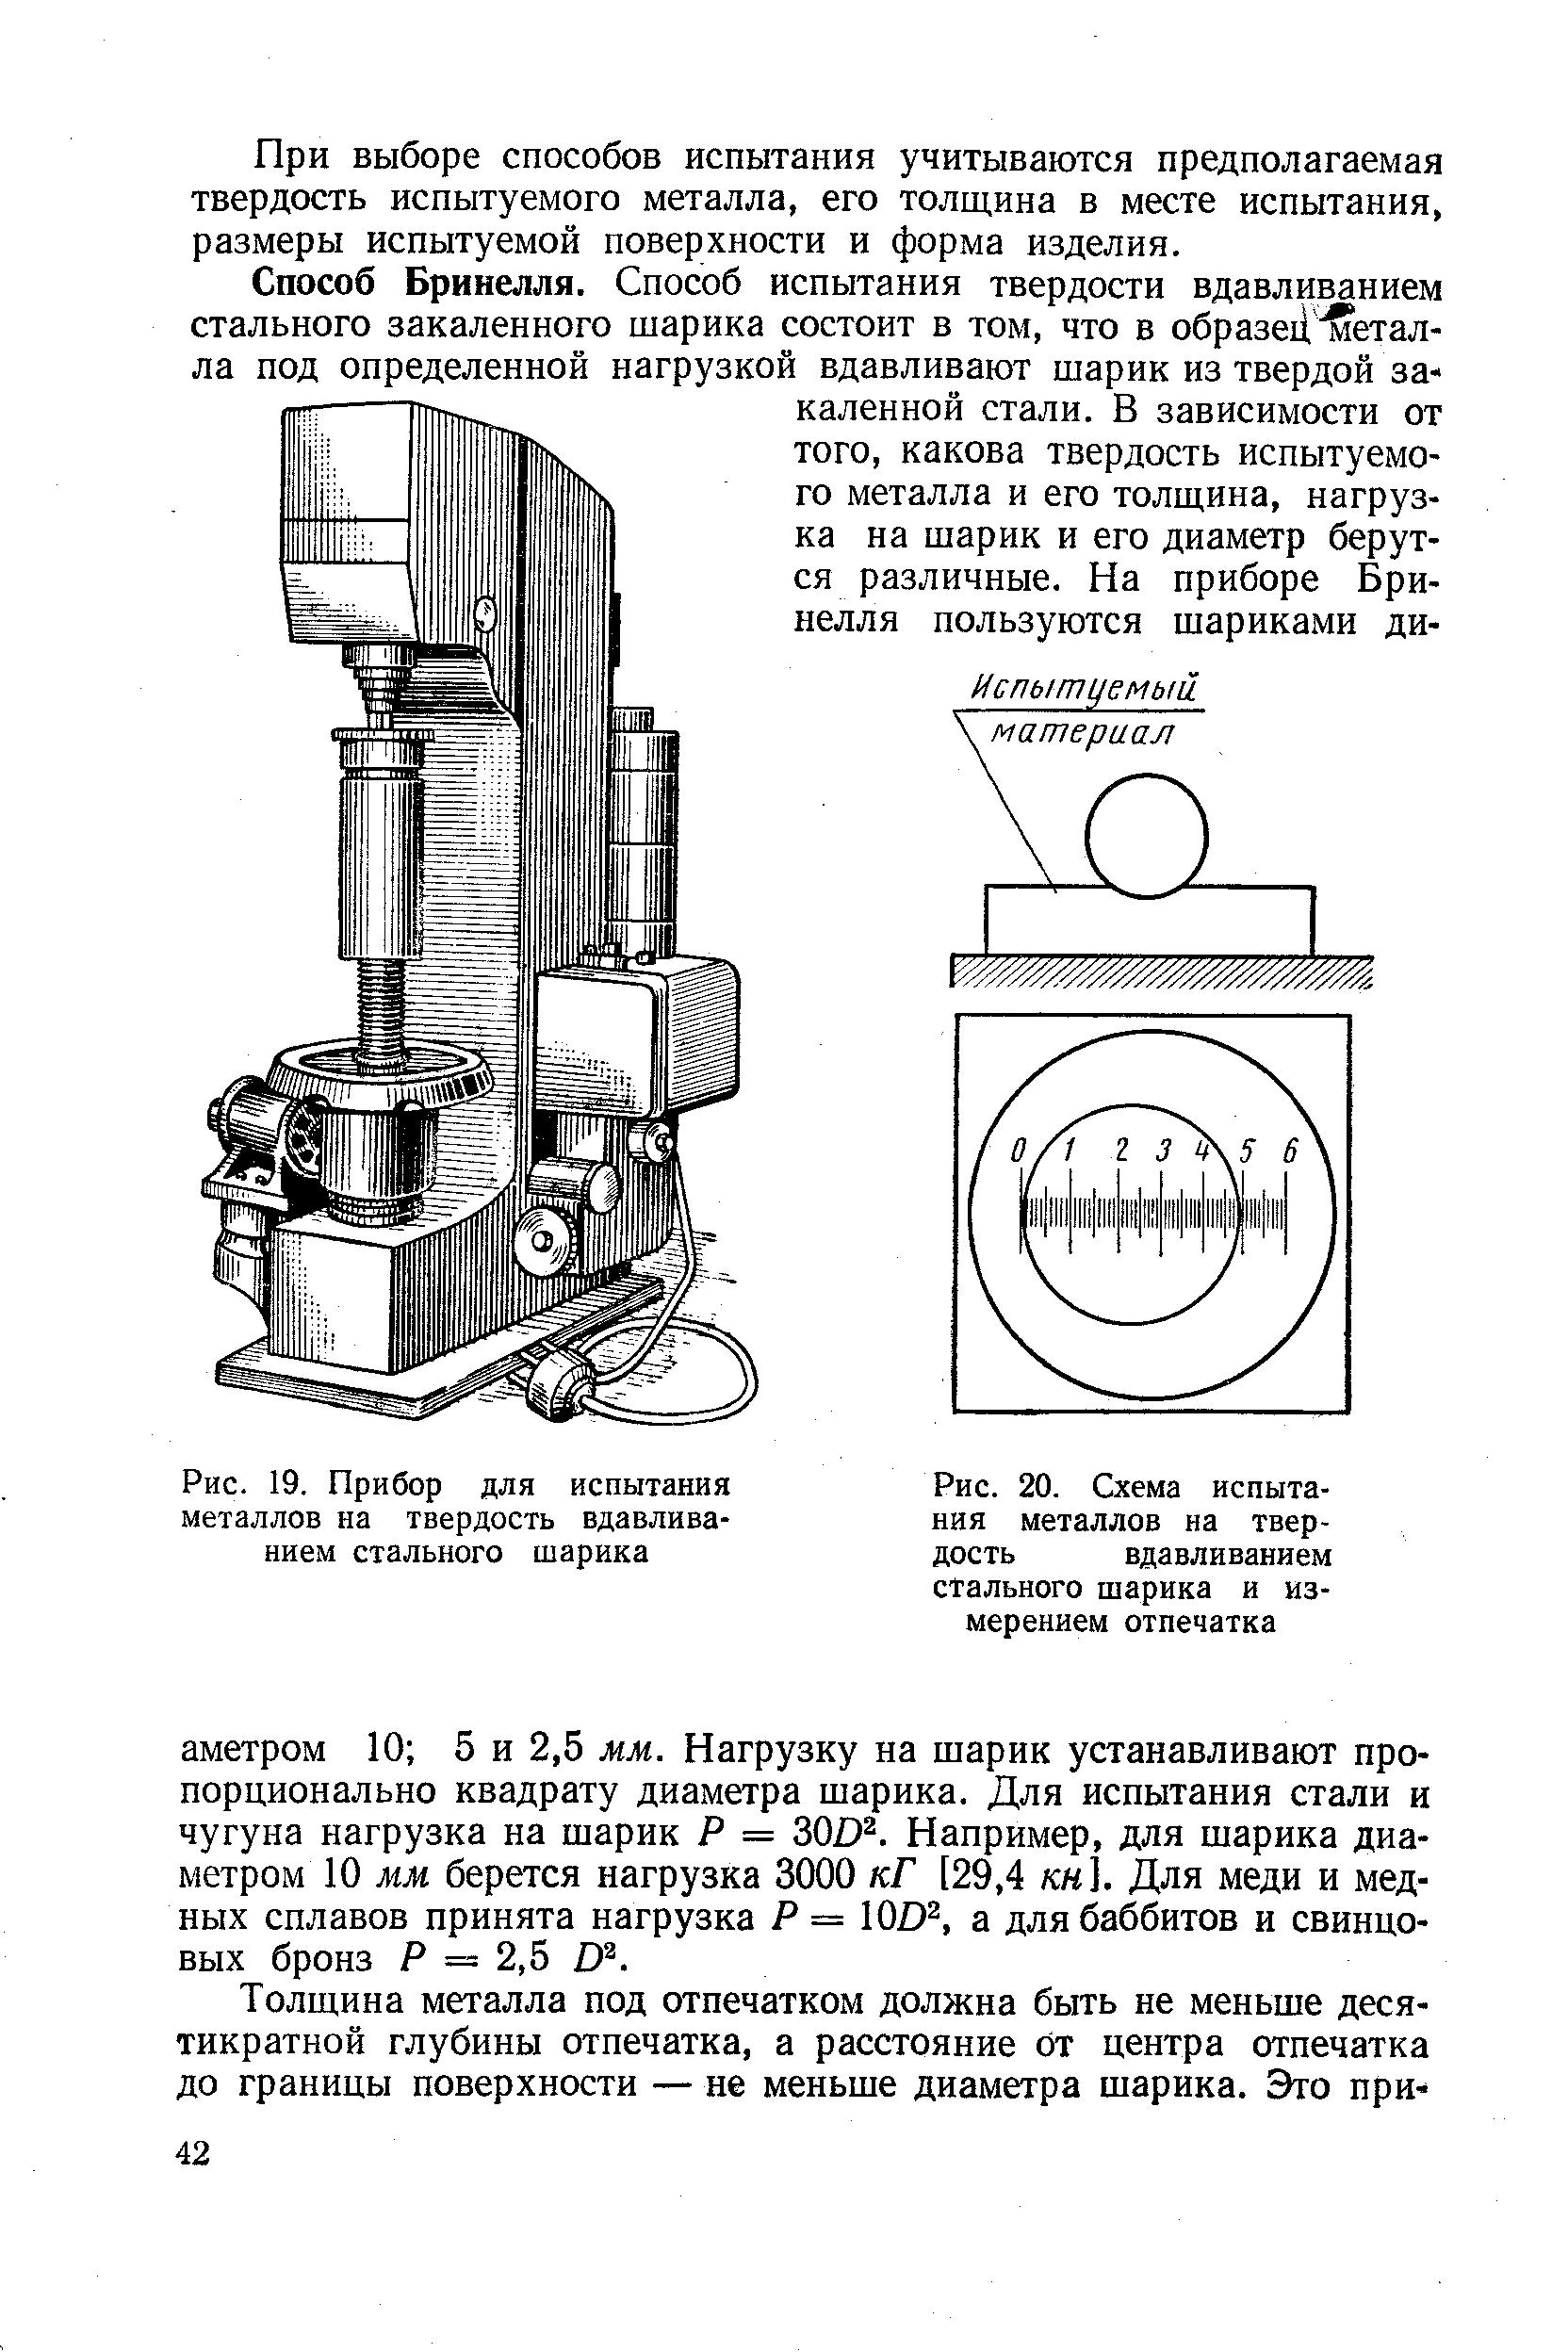 Что называется твердостью материала?